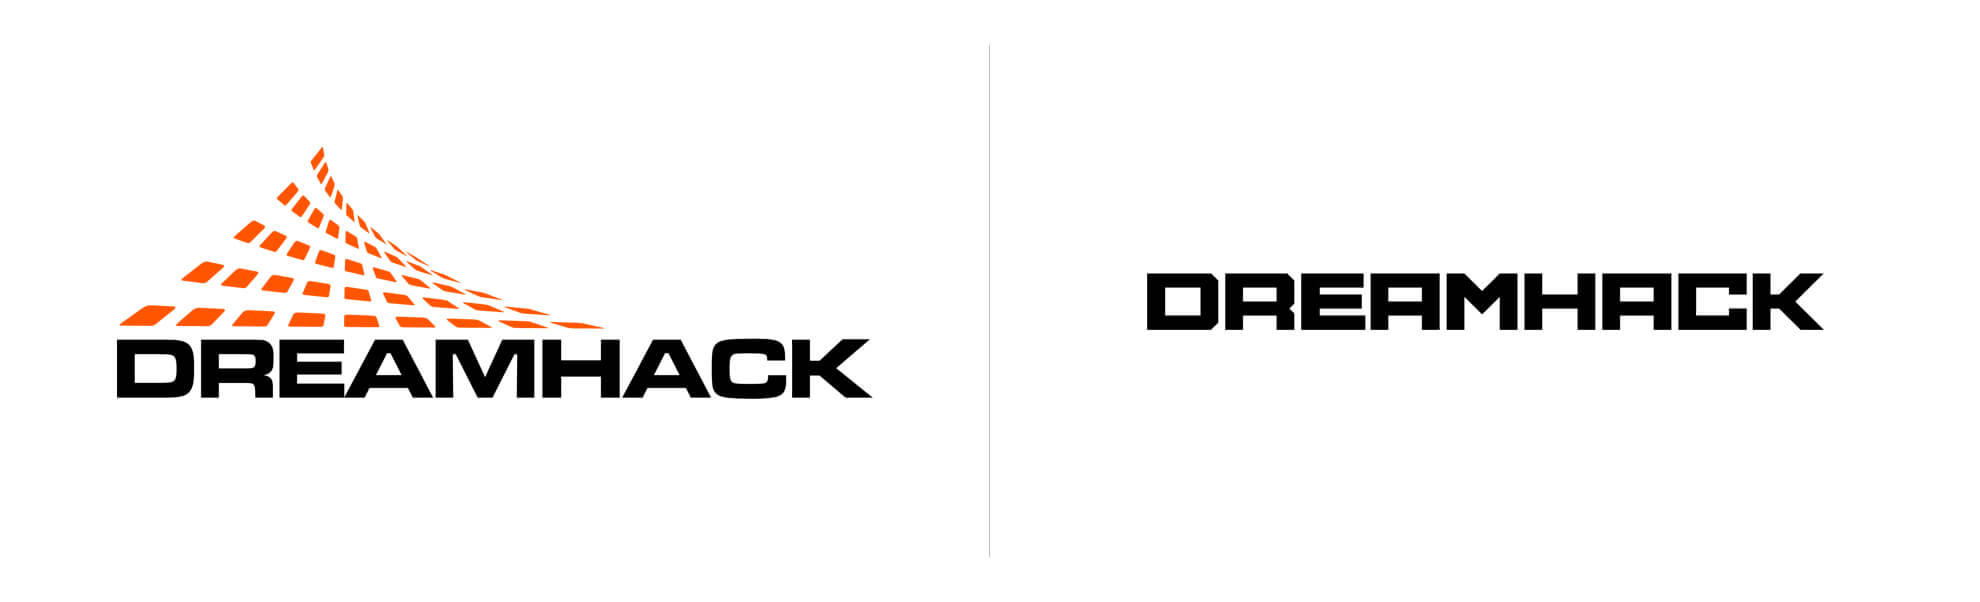 DreamHack odświeża wizerunek